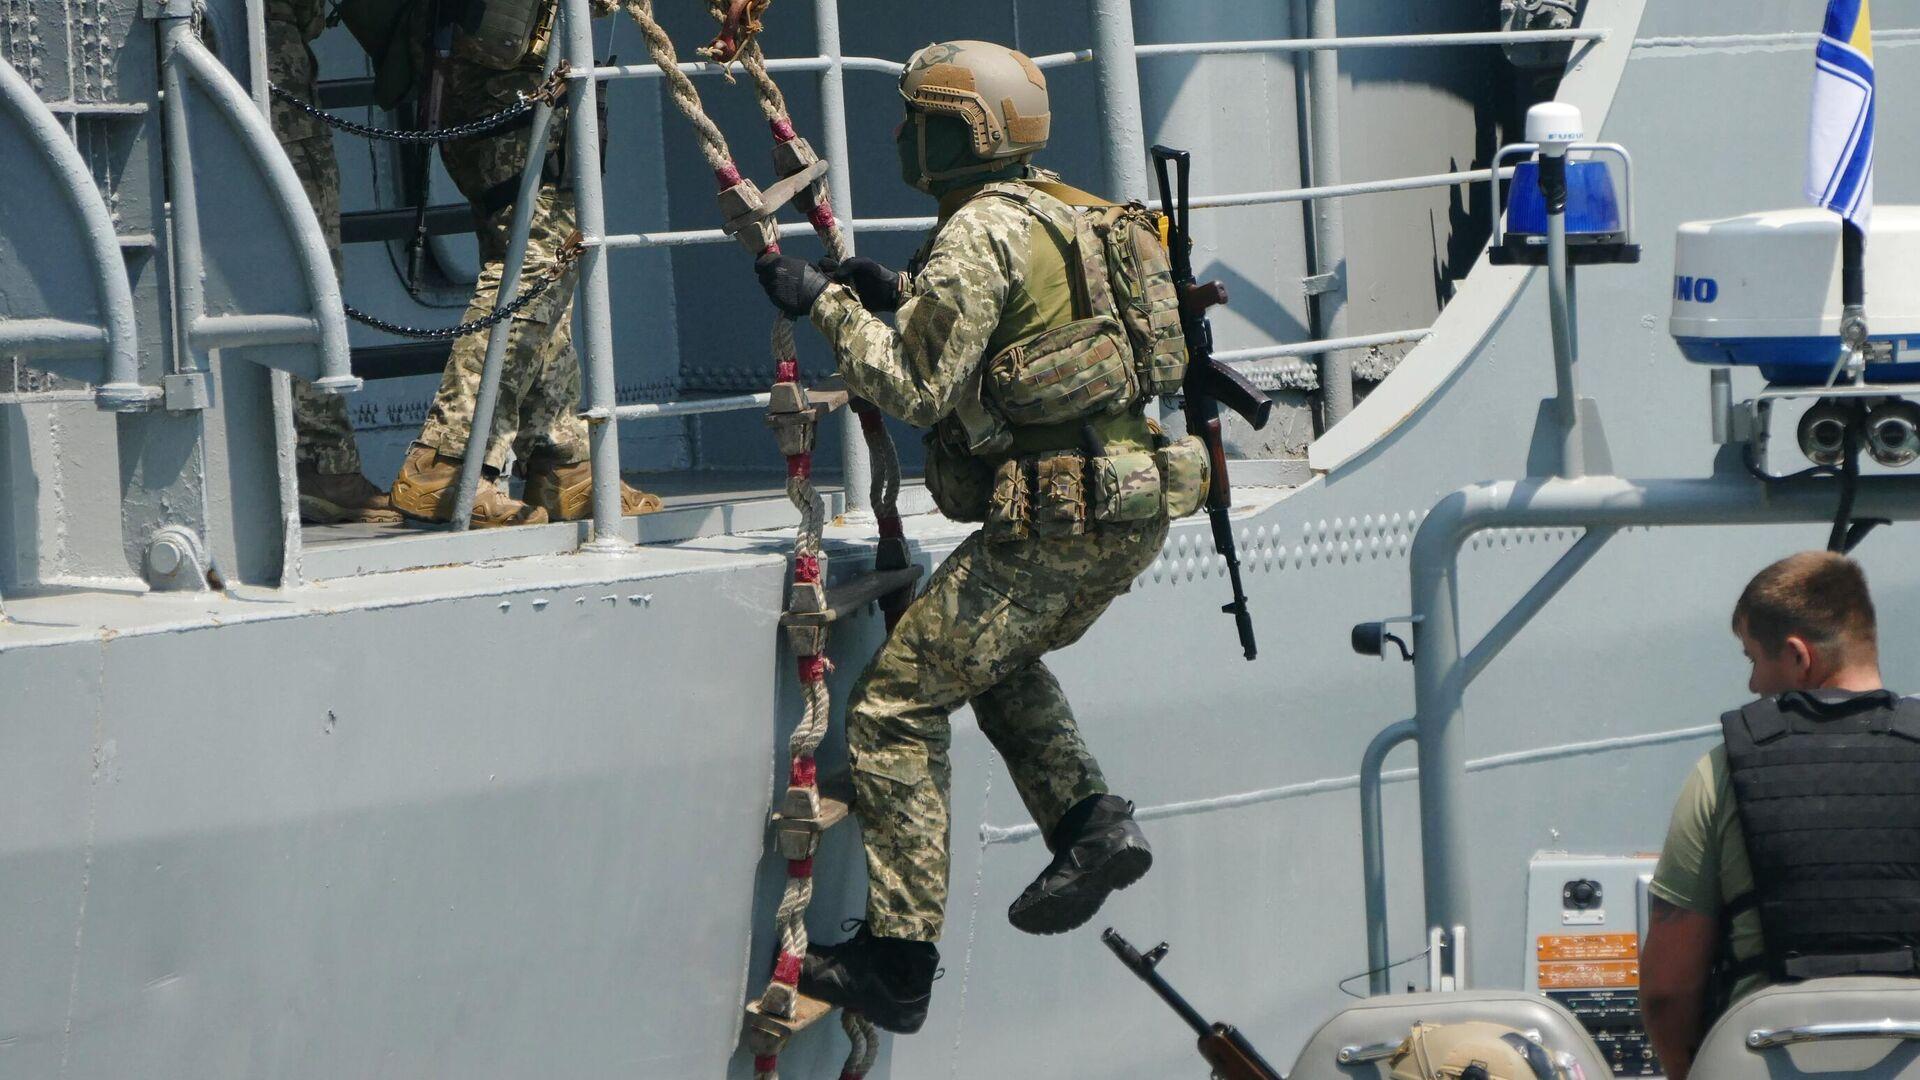 Военнослужащие отрабатывают действия против захвата кораблей в Черном море в рамках международных учений Sea Breeze - РИА Новости, 1920, 02.06.2021